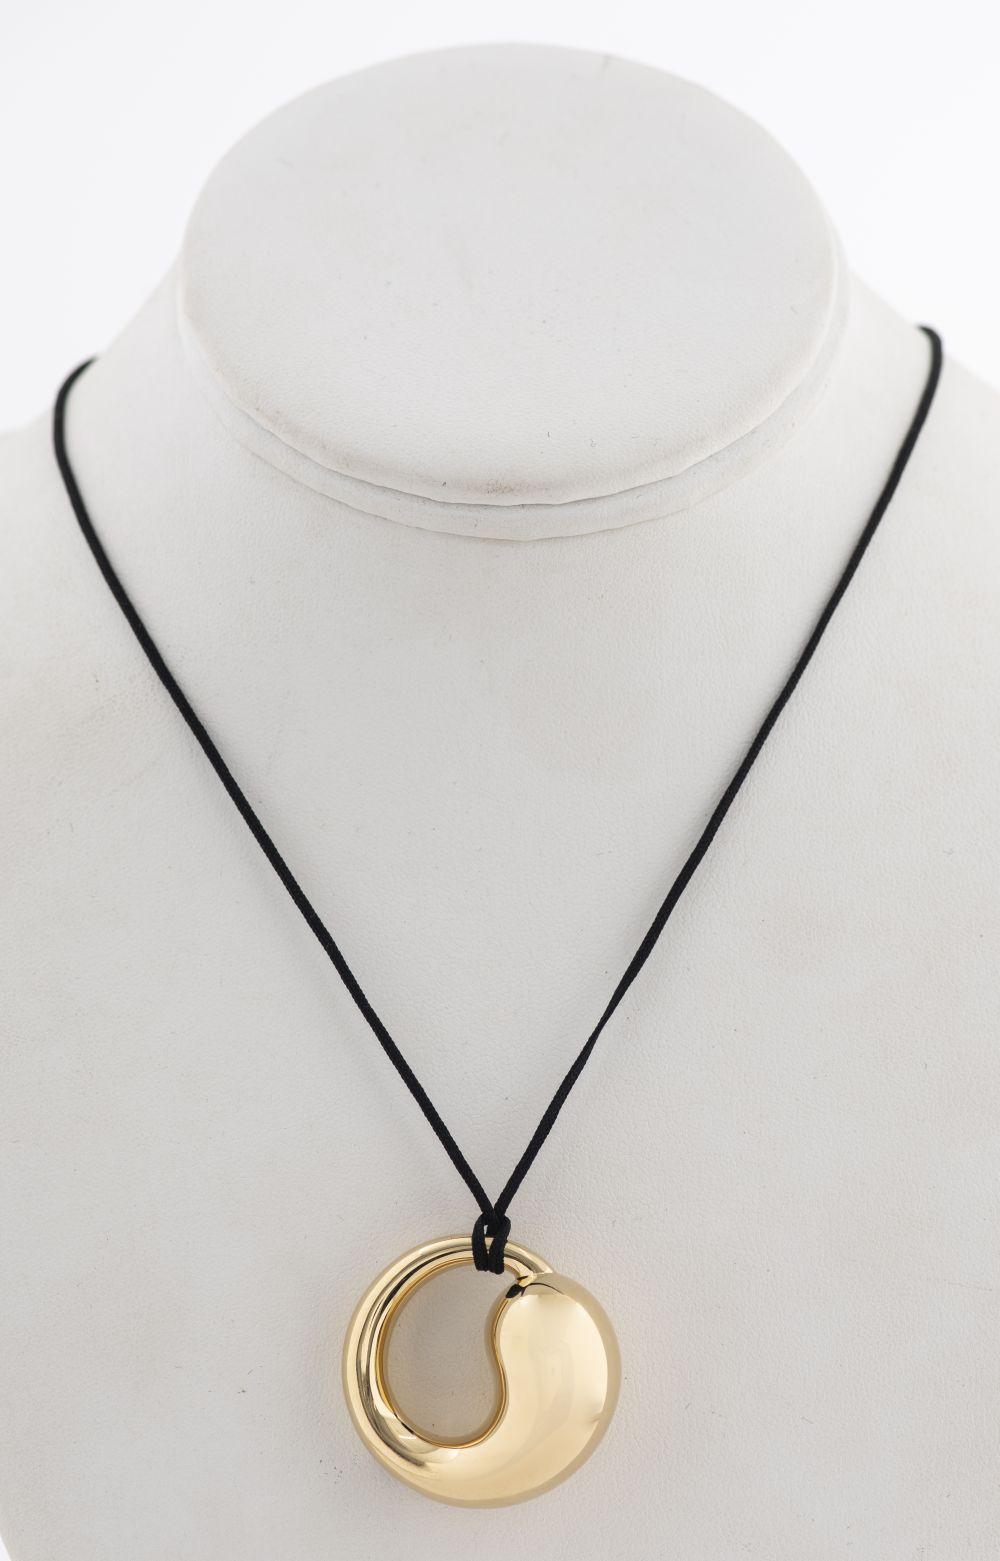 Tiffany & Co Elsa Peretti Style 18K Circle Pendant